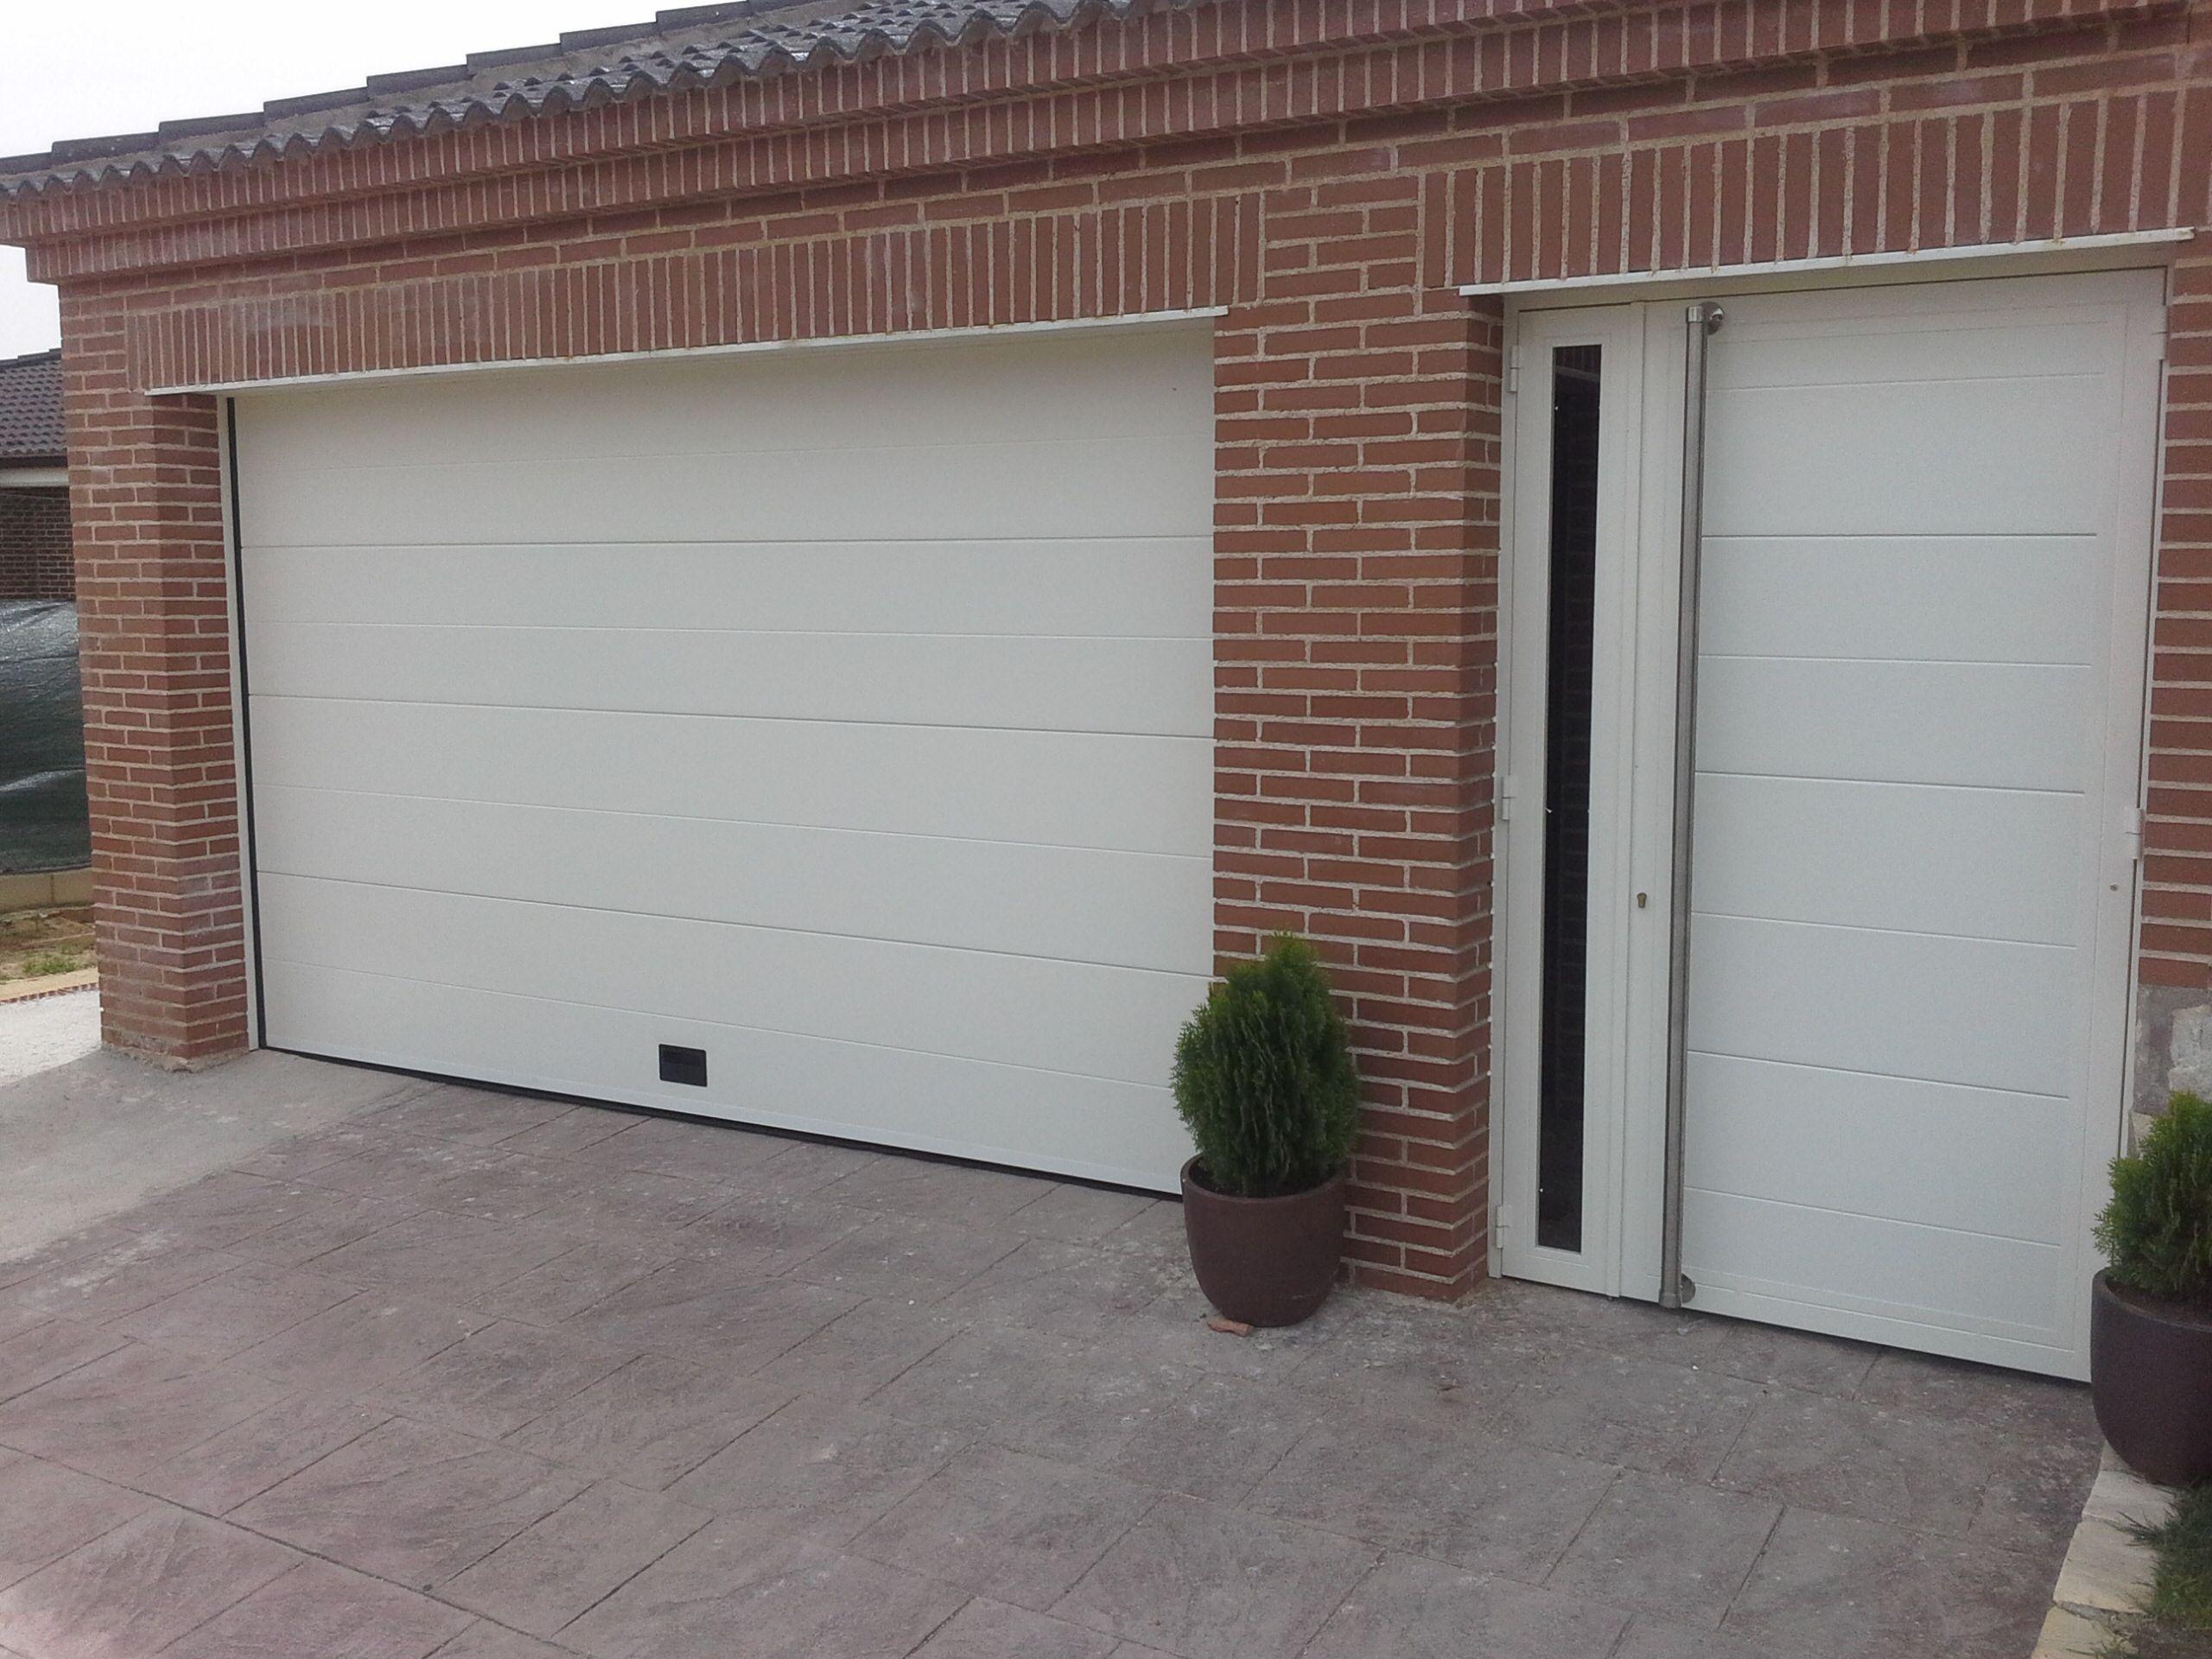 Puerta Automática Seccional Blanca Con Peatonal Haciendo Juego Puertas De Garaje Automaticas Puertas De Garaje Puertas Automaticas